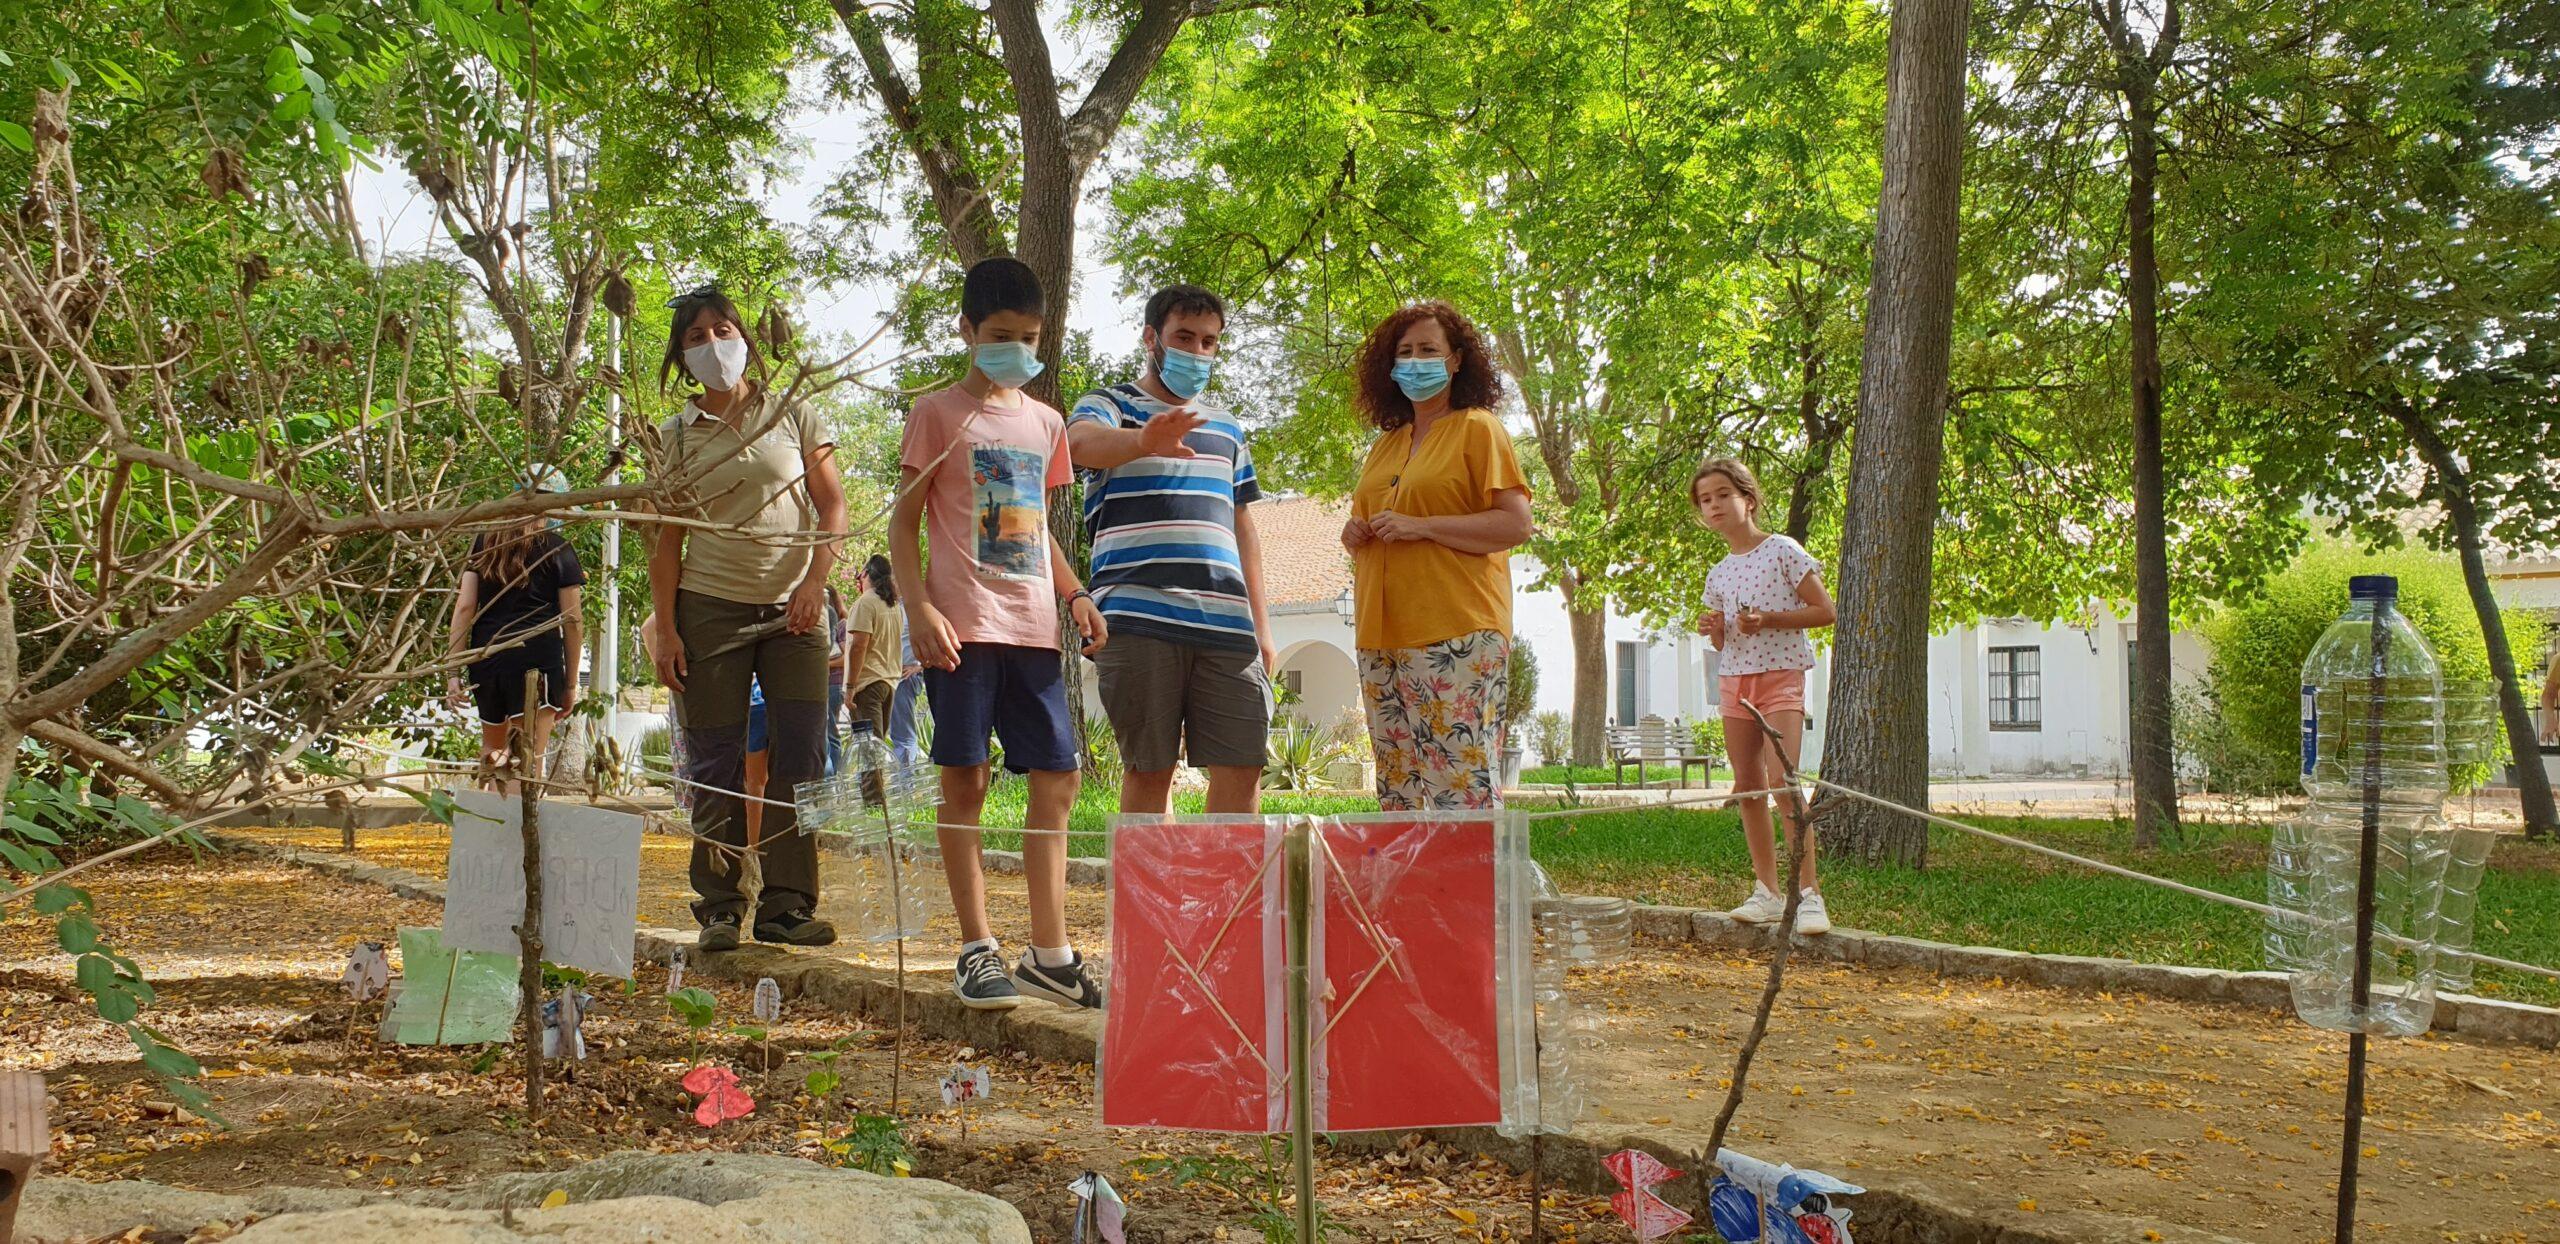 El Cortijo de Cuarto, programación cultural de verano y campus de Huertos Escolares en el Distrito Bellavista-La Palmera